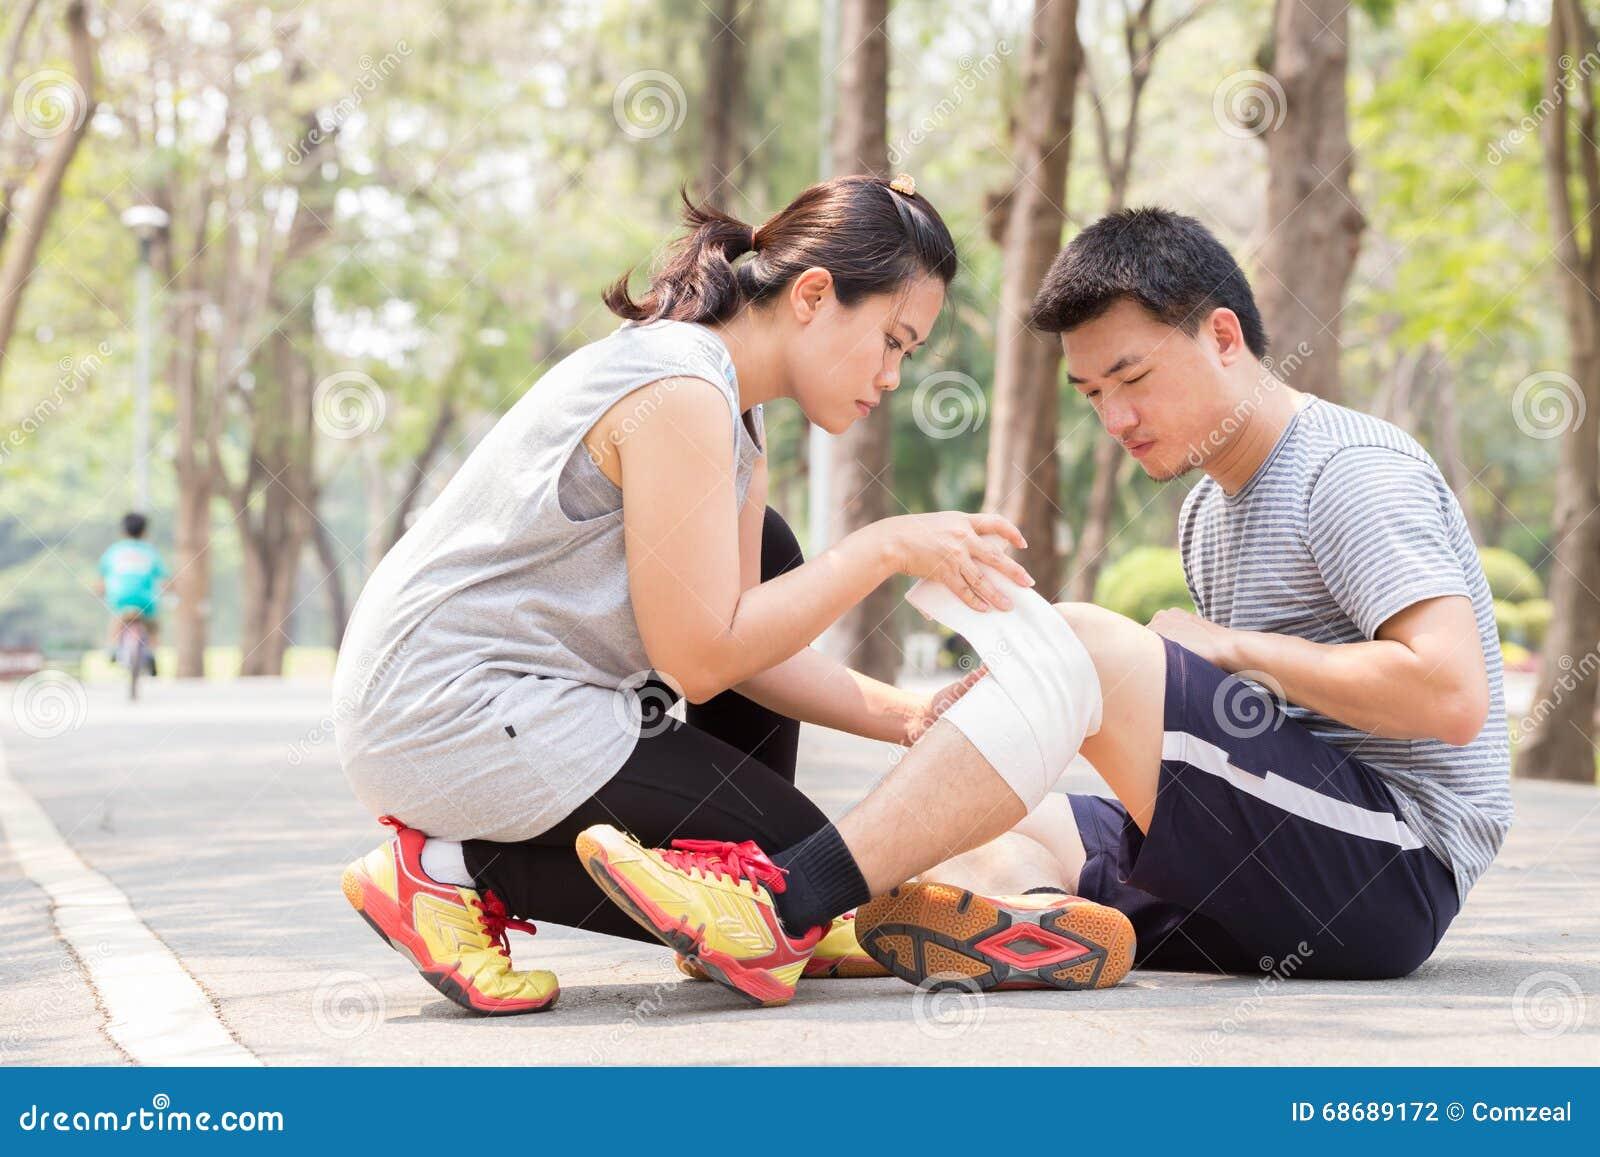 Zbliżenia urazu nogi mięśnia bólu biegacza działający sporty plamią uda macanie Mężczyzna z kręconą zwichniętą kolana i dostawać